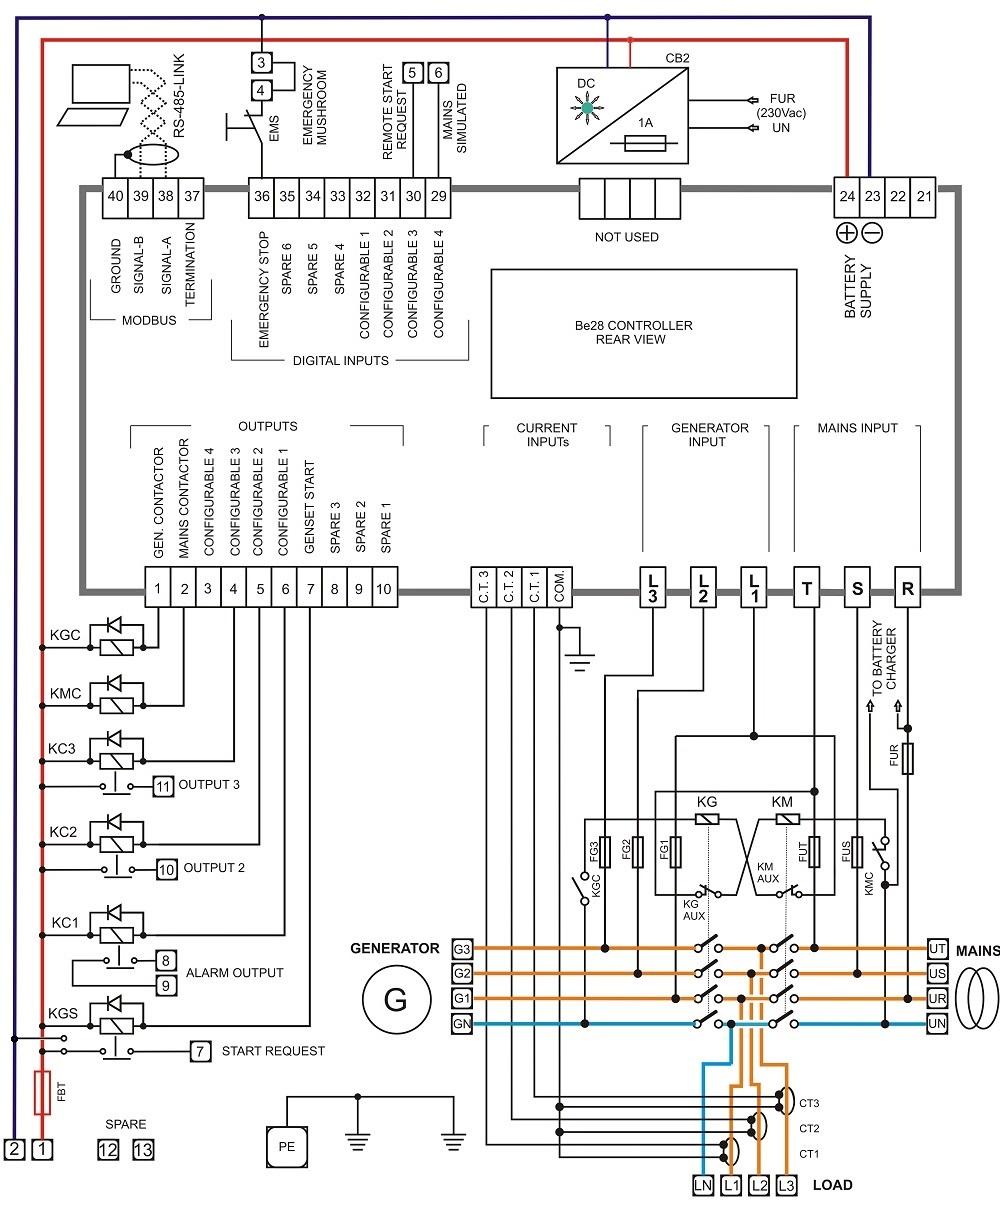 perkins alternator wiring. Black Bedroom Furniture Sets. Home Design Ideas